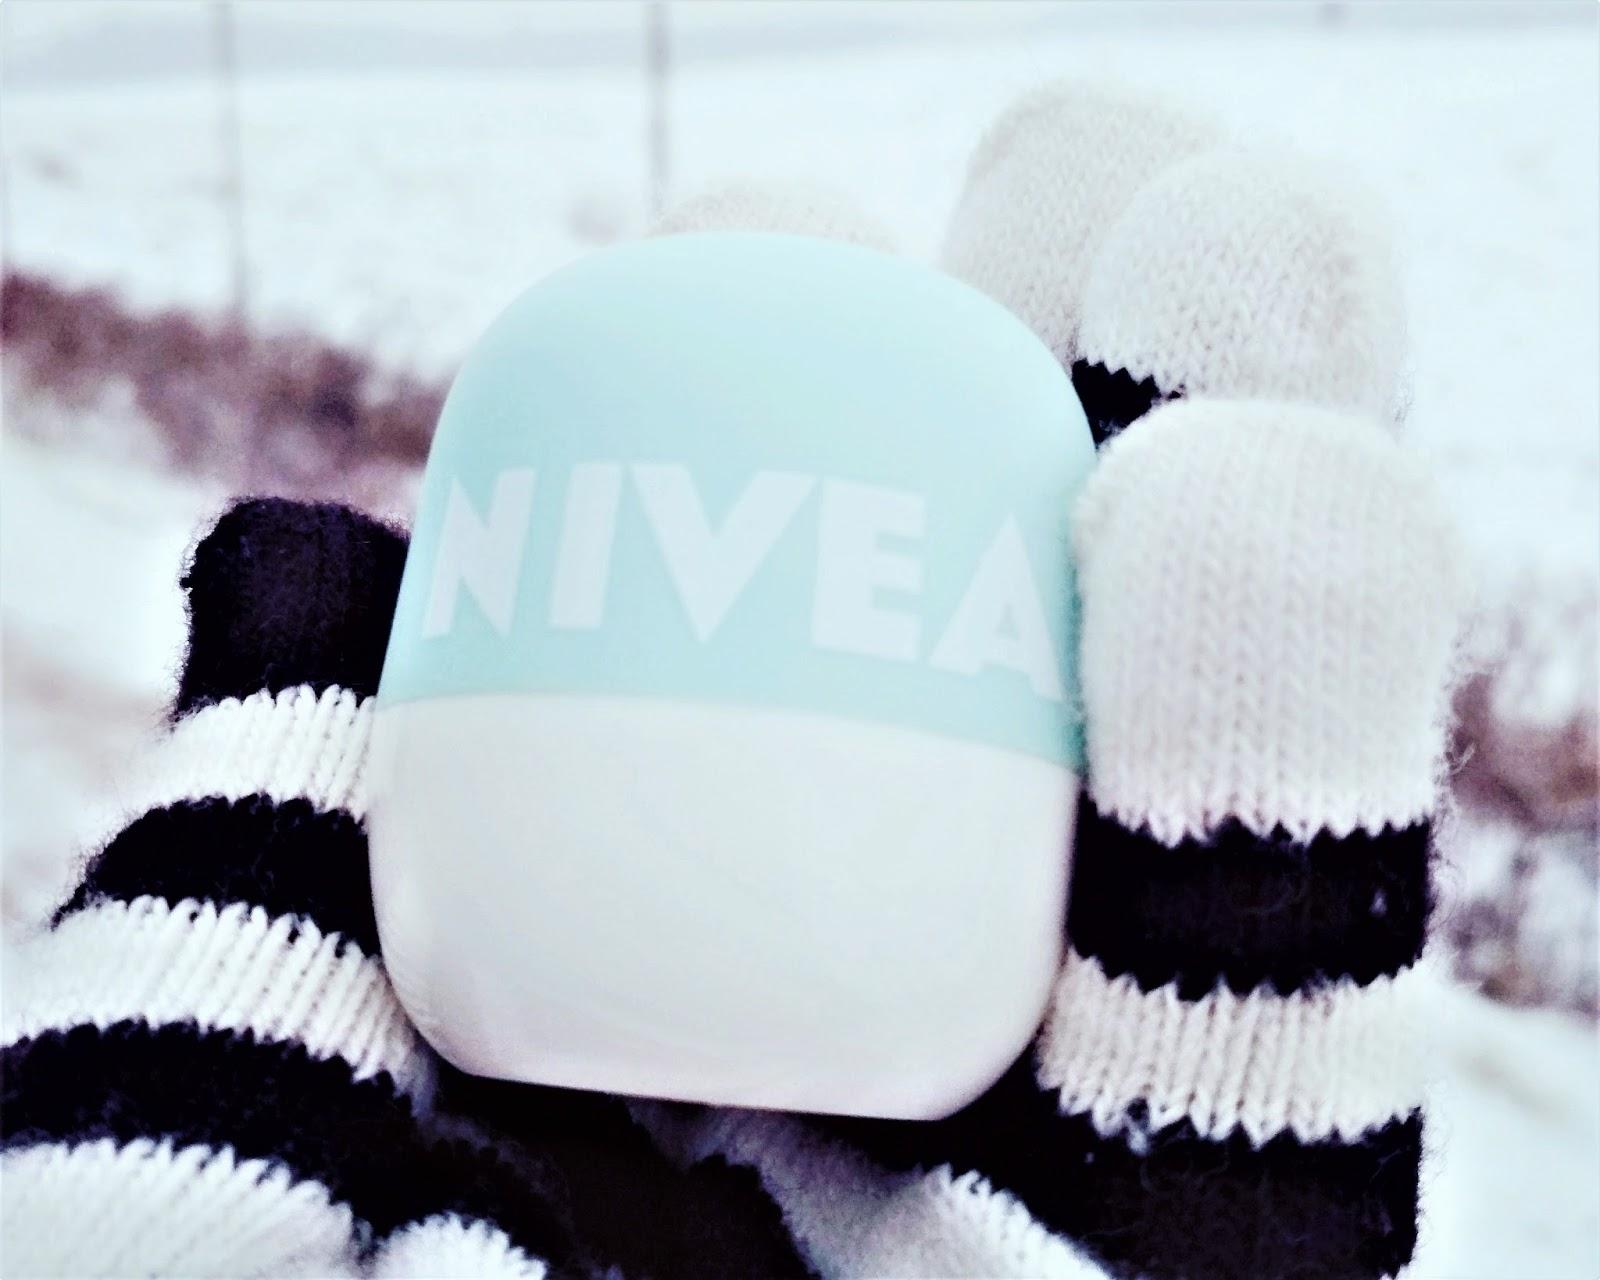 pielęgnacja, pielęgnacja ust, NIVEA, NIVEA pop ball, Pielęgnujący balsam do ust w kulce Orzeźwiająca Mięta, recenzja, ulubieniec, przyjaciólki NIVEA, blogerka kosmetyczna, blog kosmetyczny, blog urodowy, blog lifestylowy